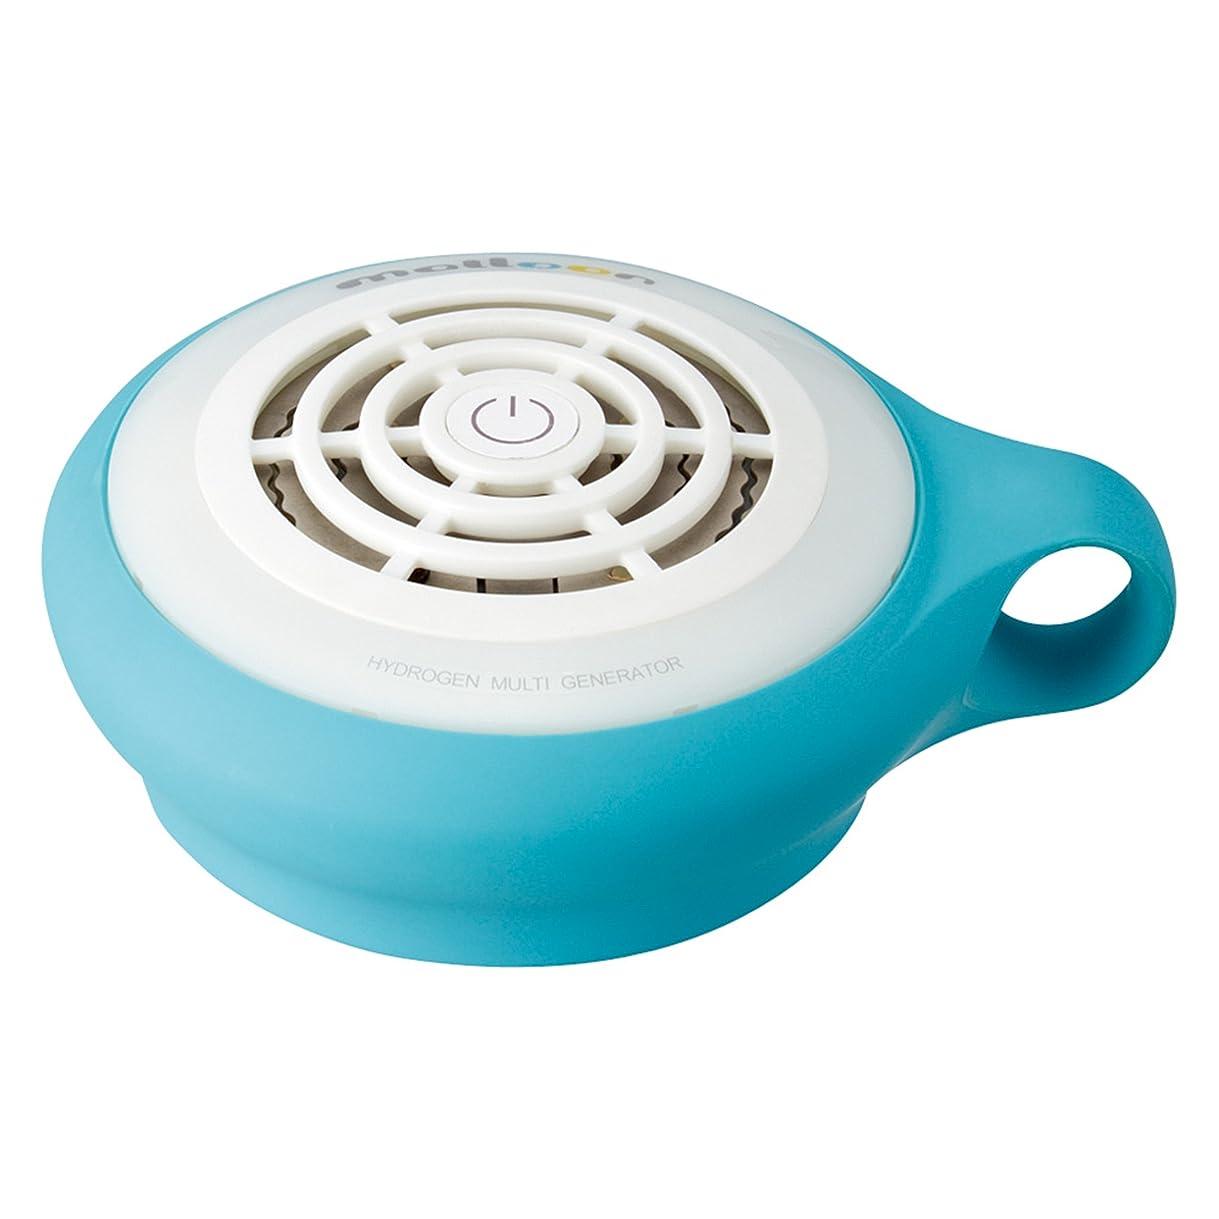 まさに忘れられないゴールデンフラックス 水素水生成器 水素風呂 マルーン(malloon) ルリ FLMA-16 Ruri